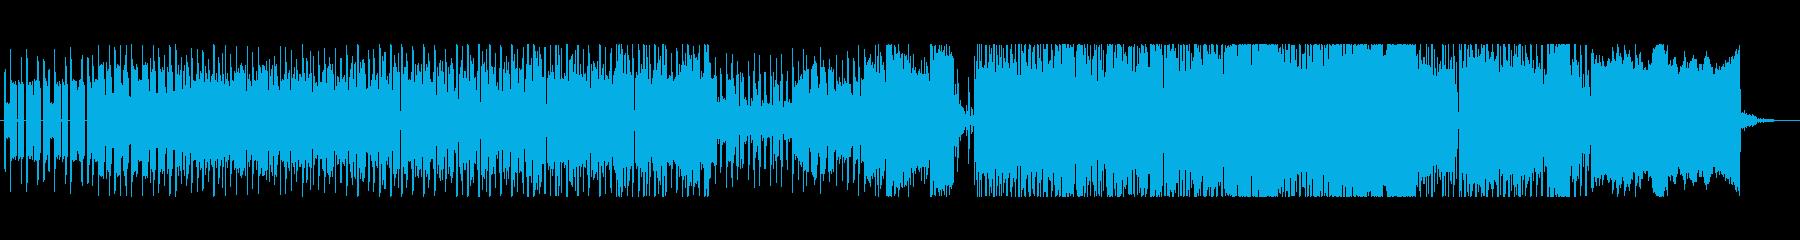 メガドライブ音源 明るく軽快なBGMの再生済みの波形